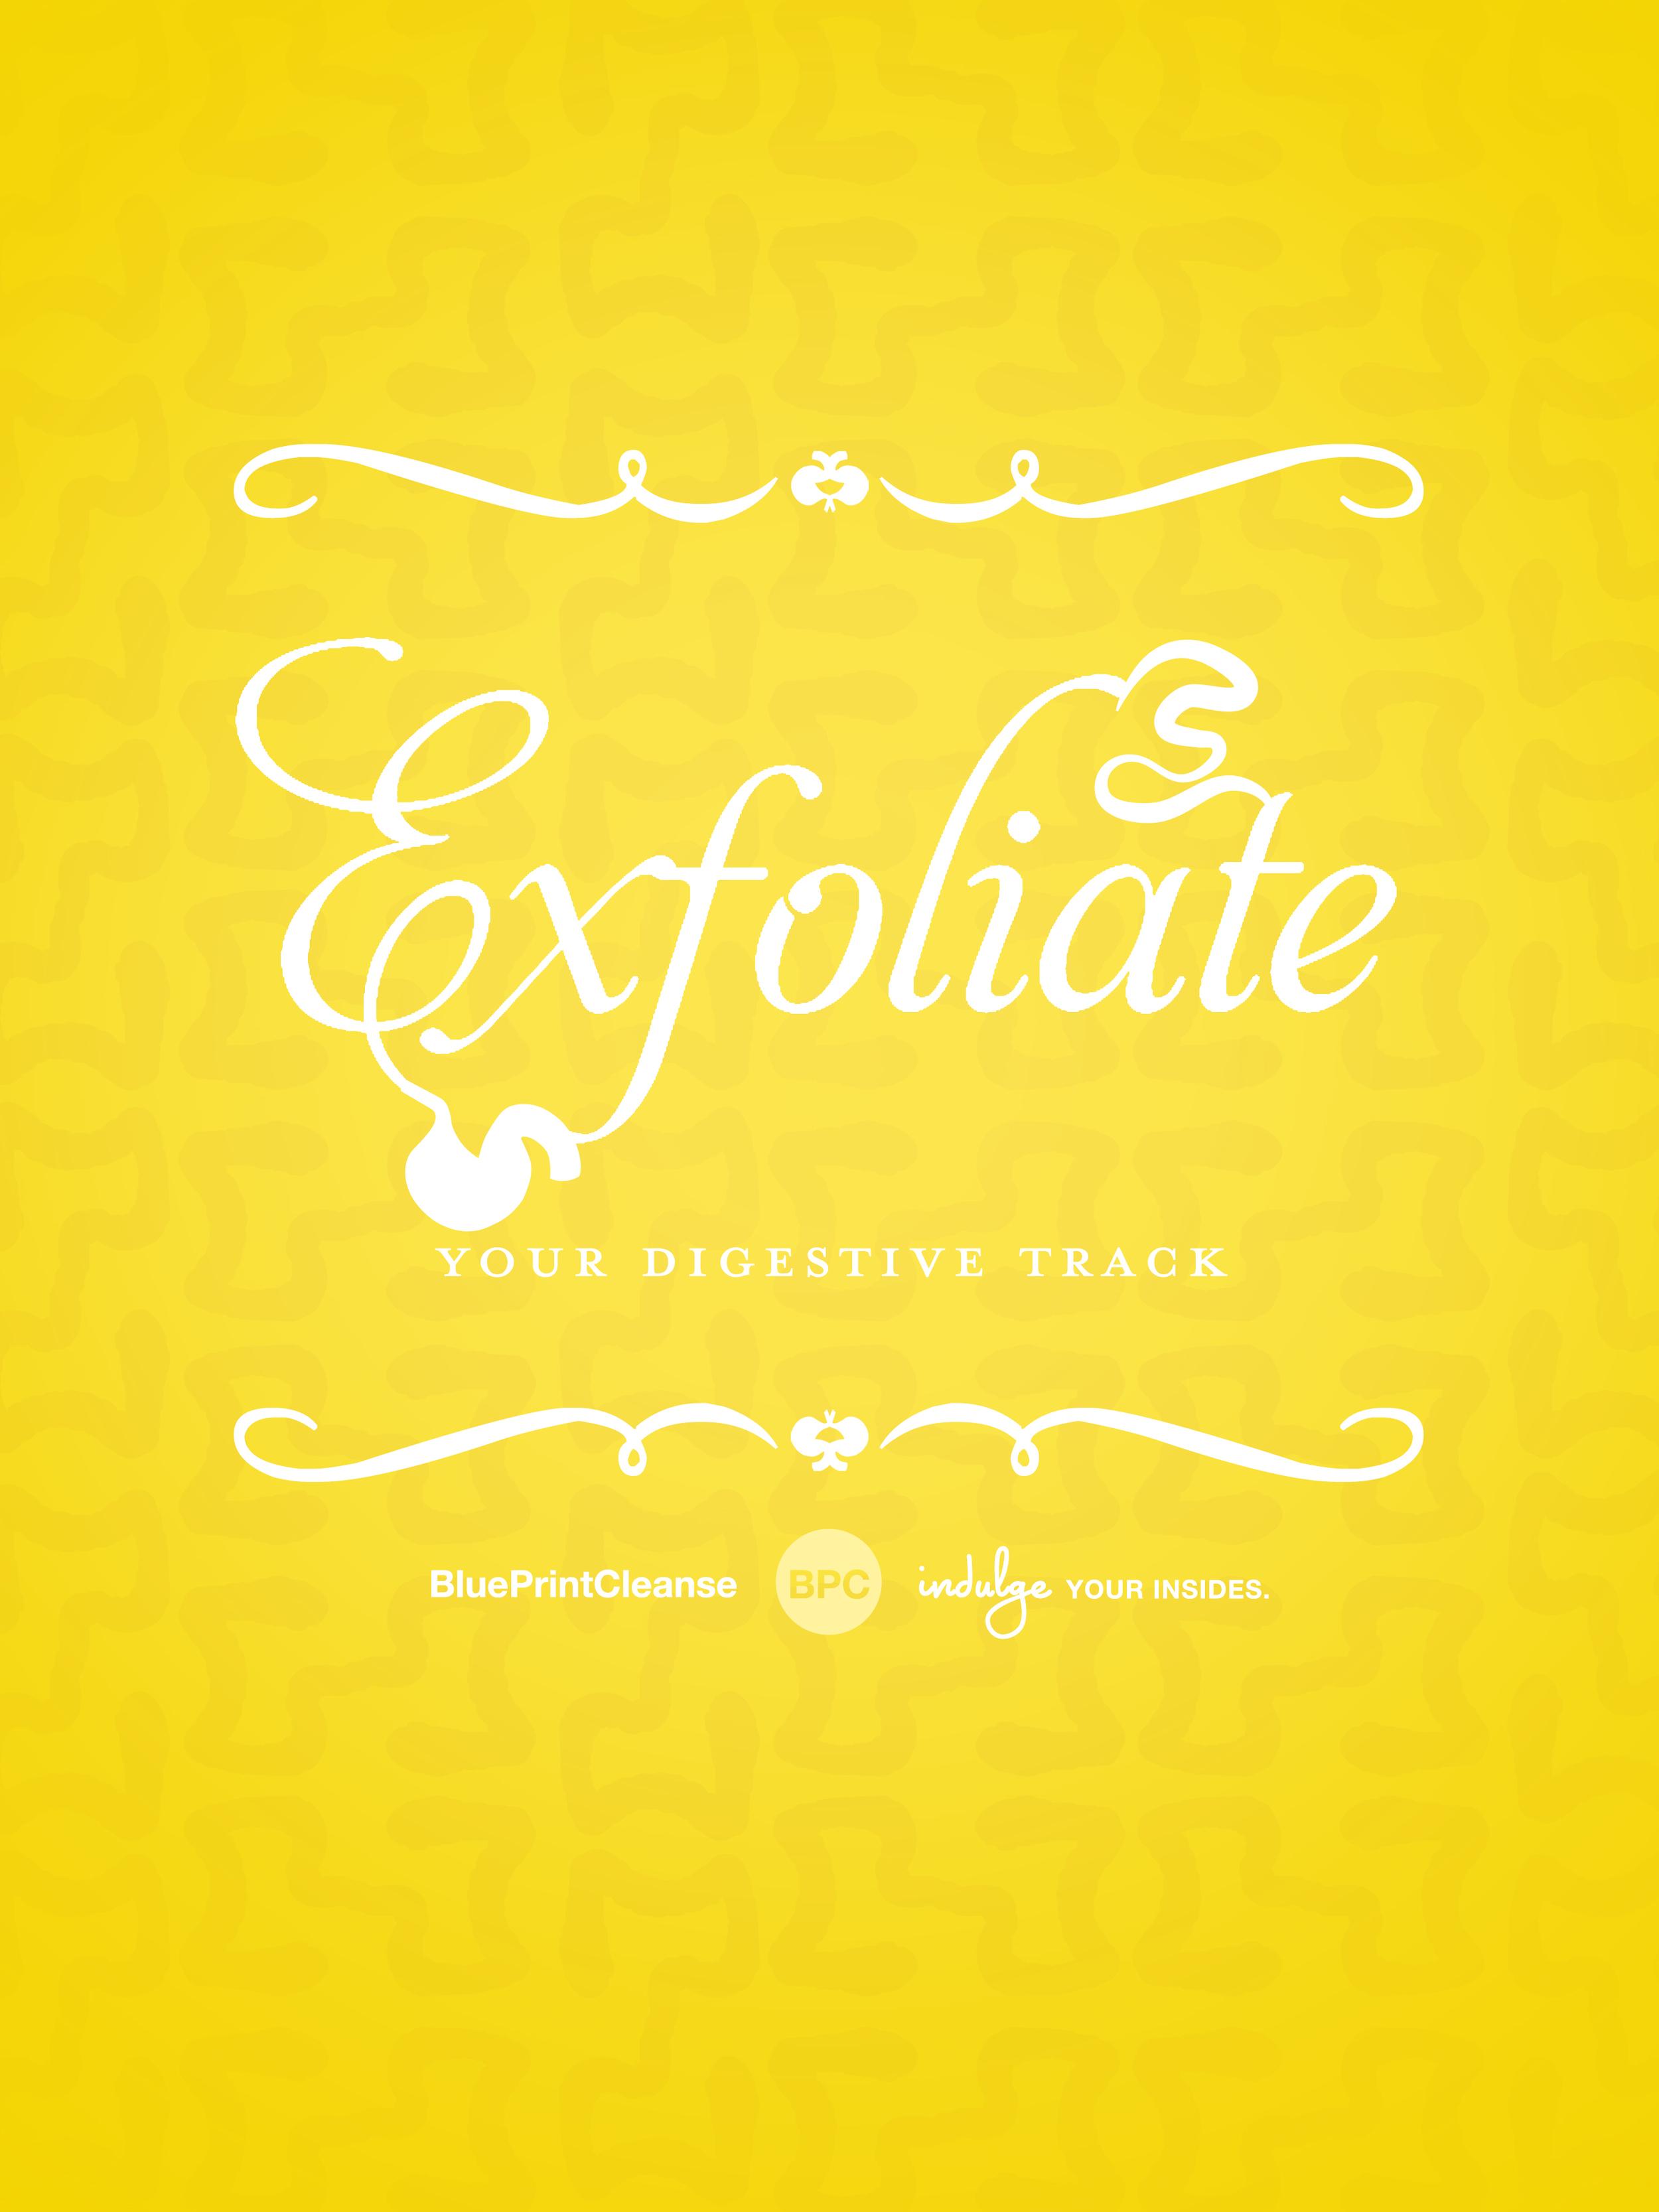 Exfoliate.jpg